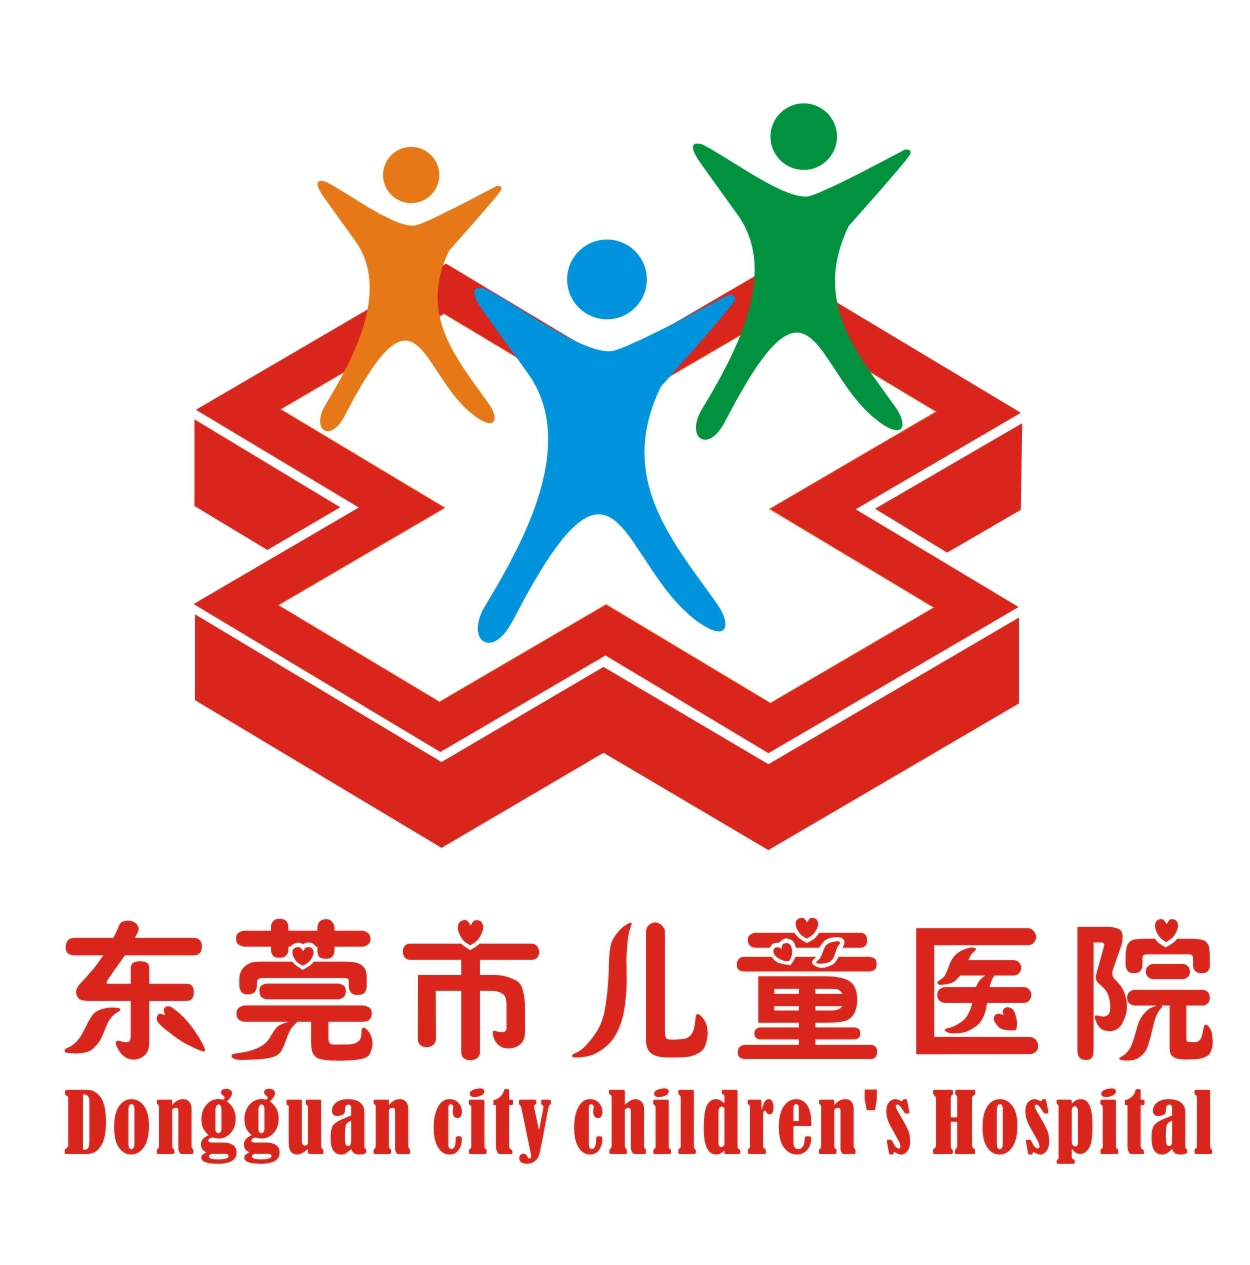 儿童医院logo设计_深圳蓝凤凰文化创意有限公司案例